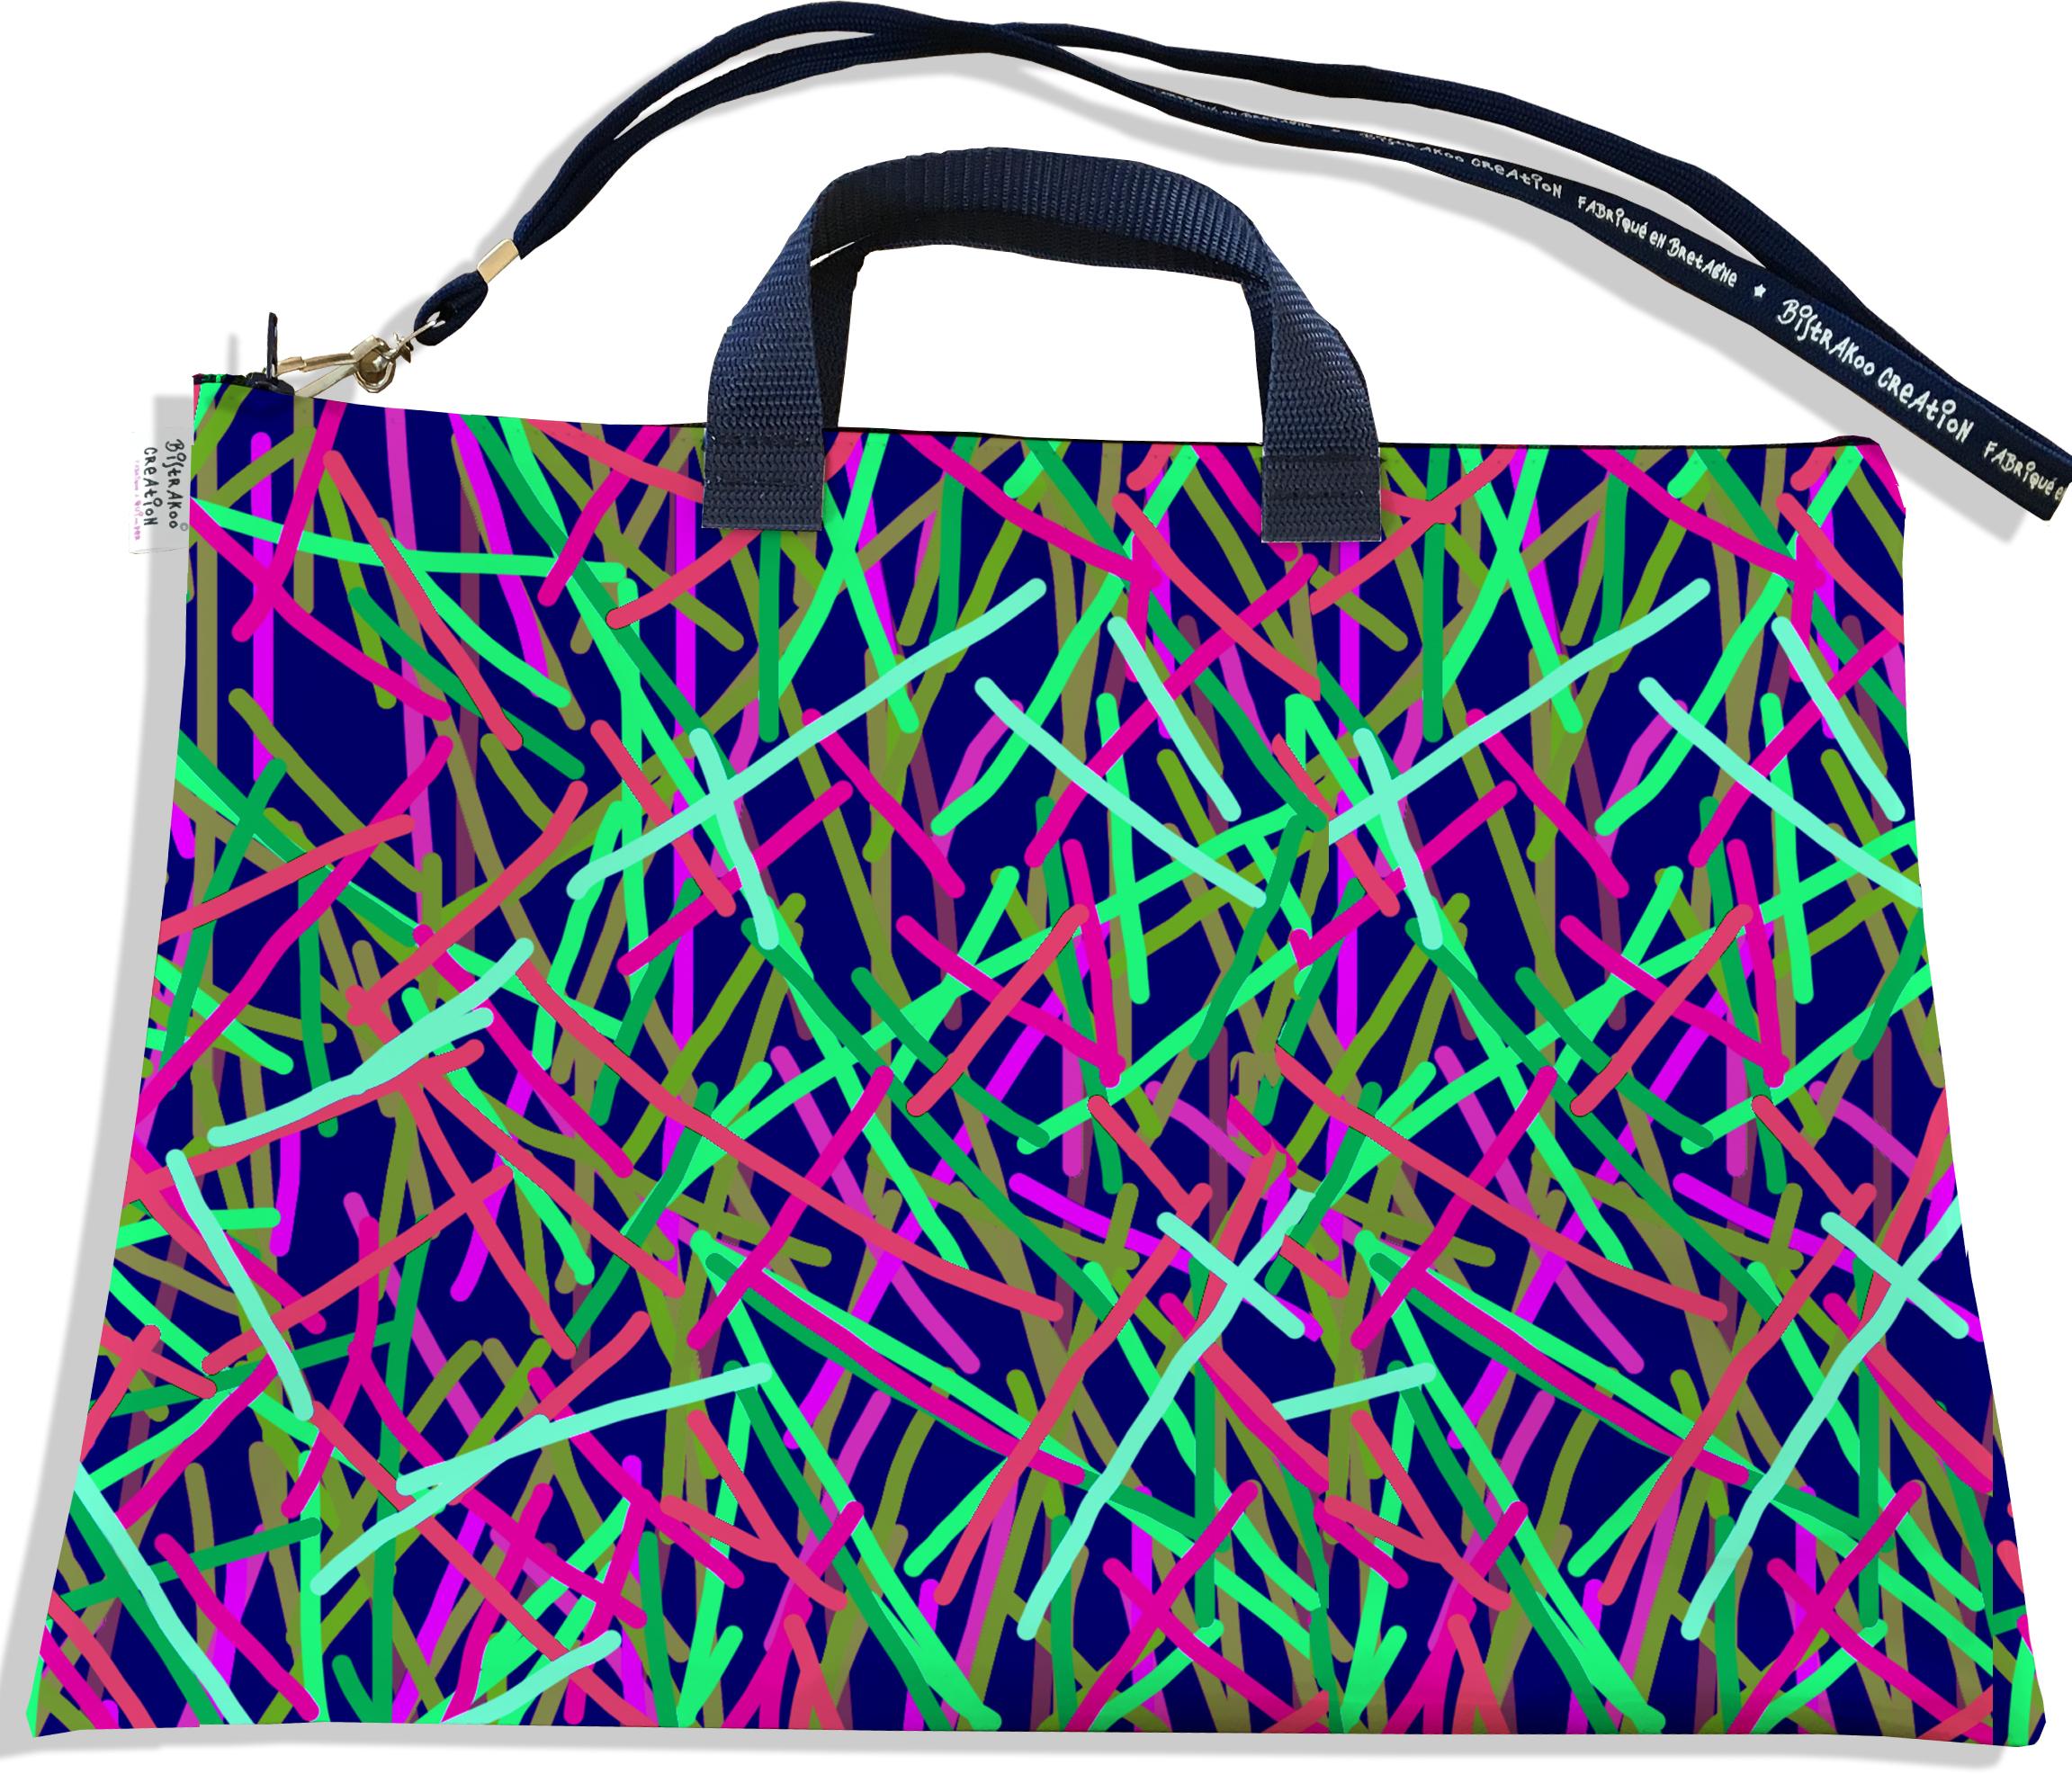 Sacoche ordinateur portable 11 & 13 pouces pour femme motif Traits multicolores fond bleu marine 2589